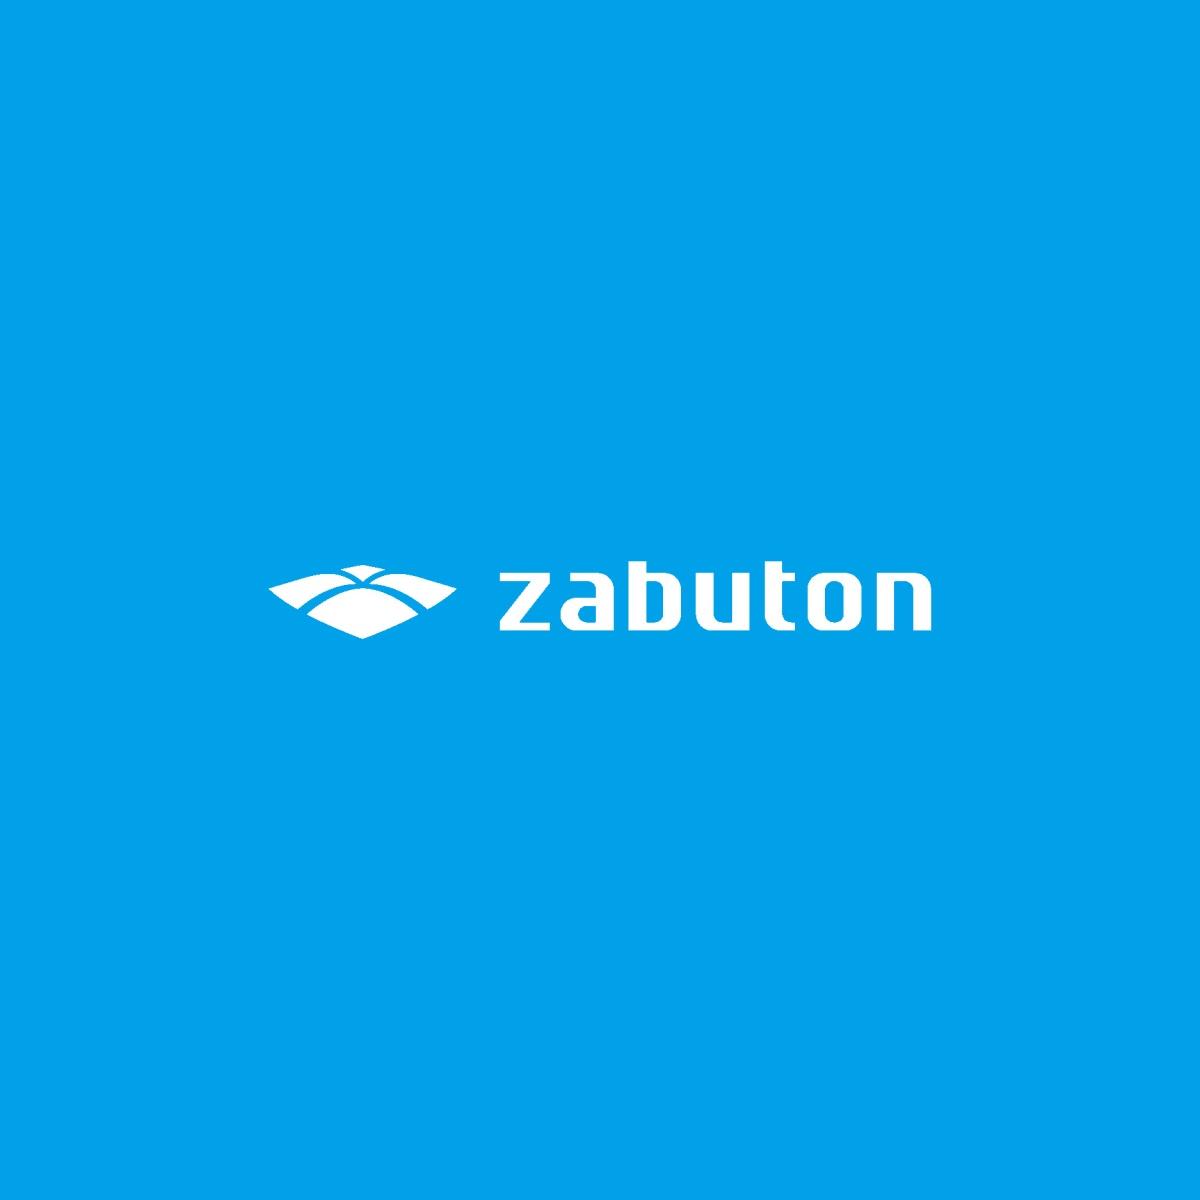 株式会社zabuton、はじめました